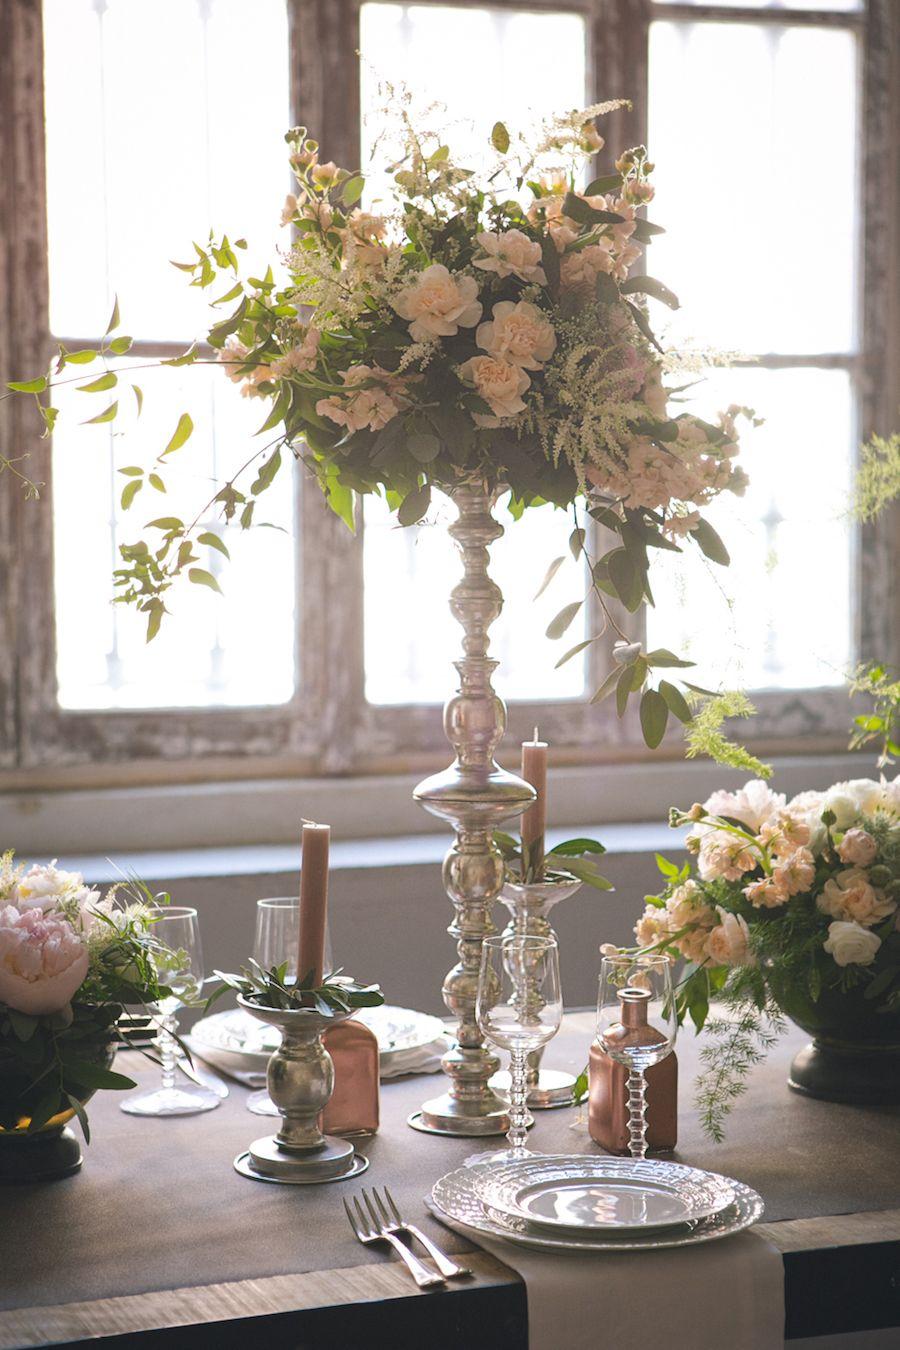 Un matrimonio industriale e romantico | Matrimonio ...